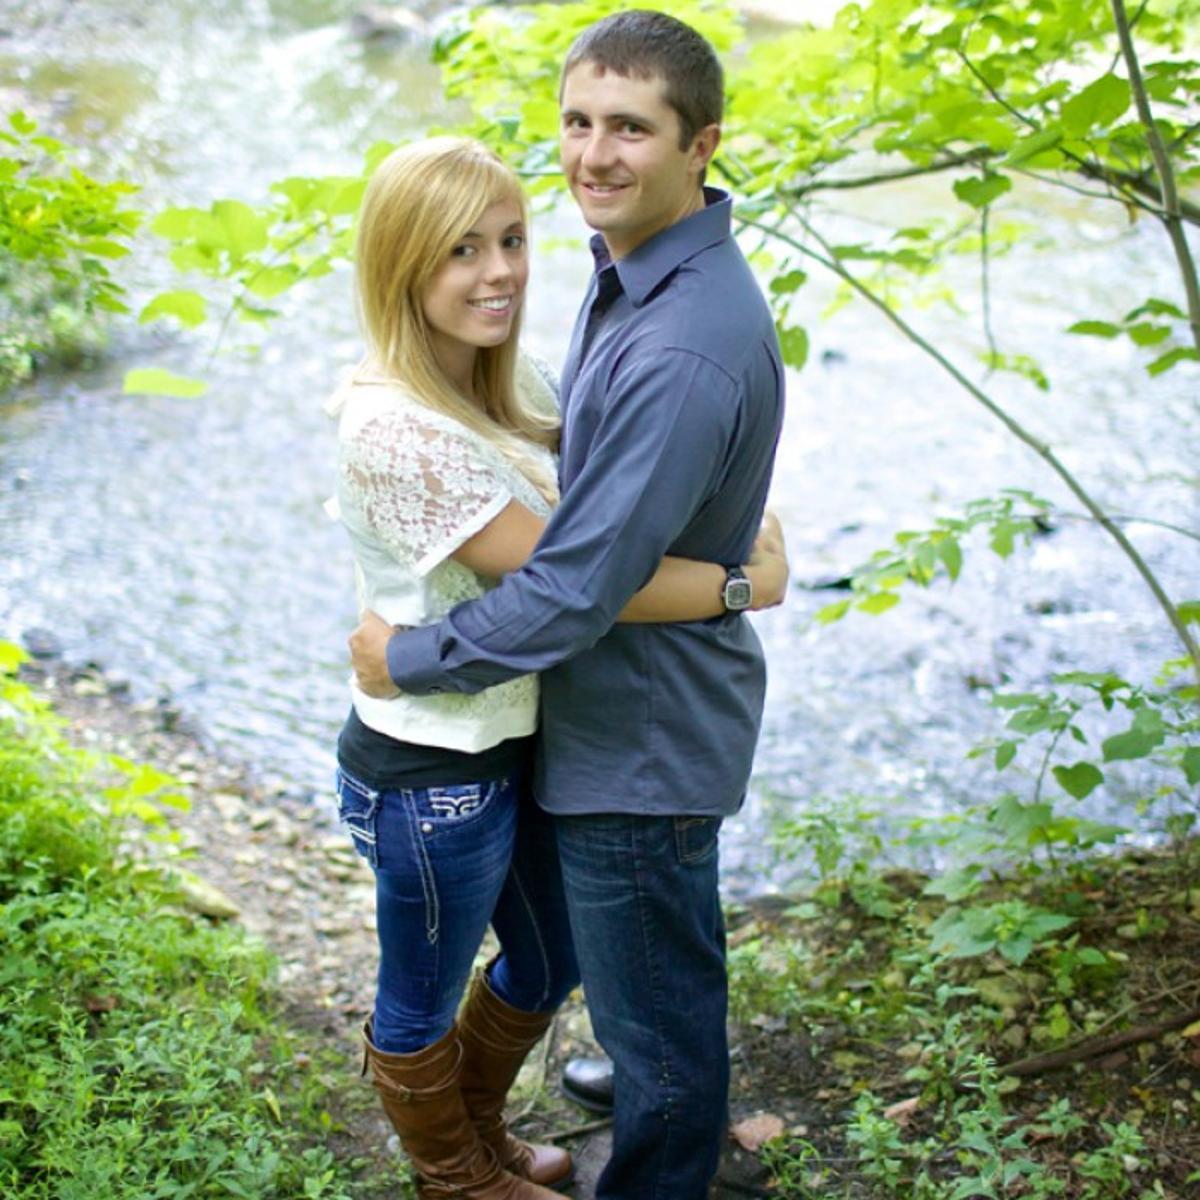 pastori dating site dating Puhelin linja ilmainen kokeilu versio